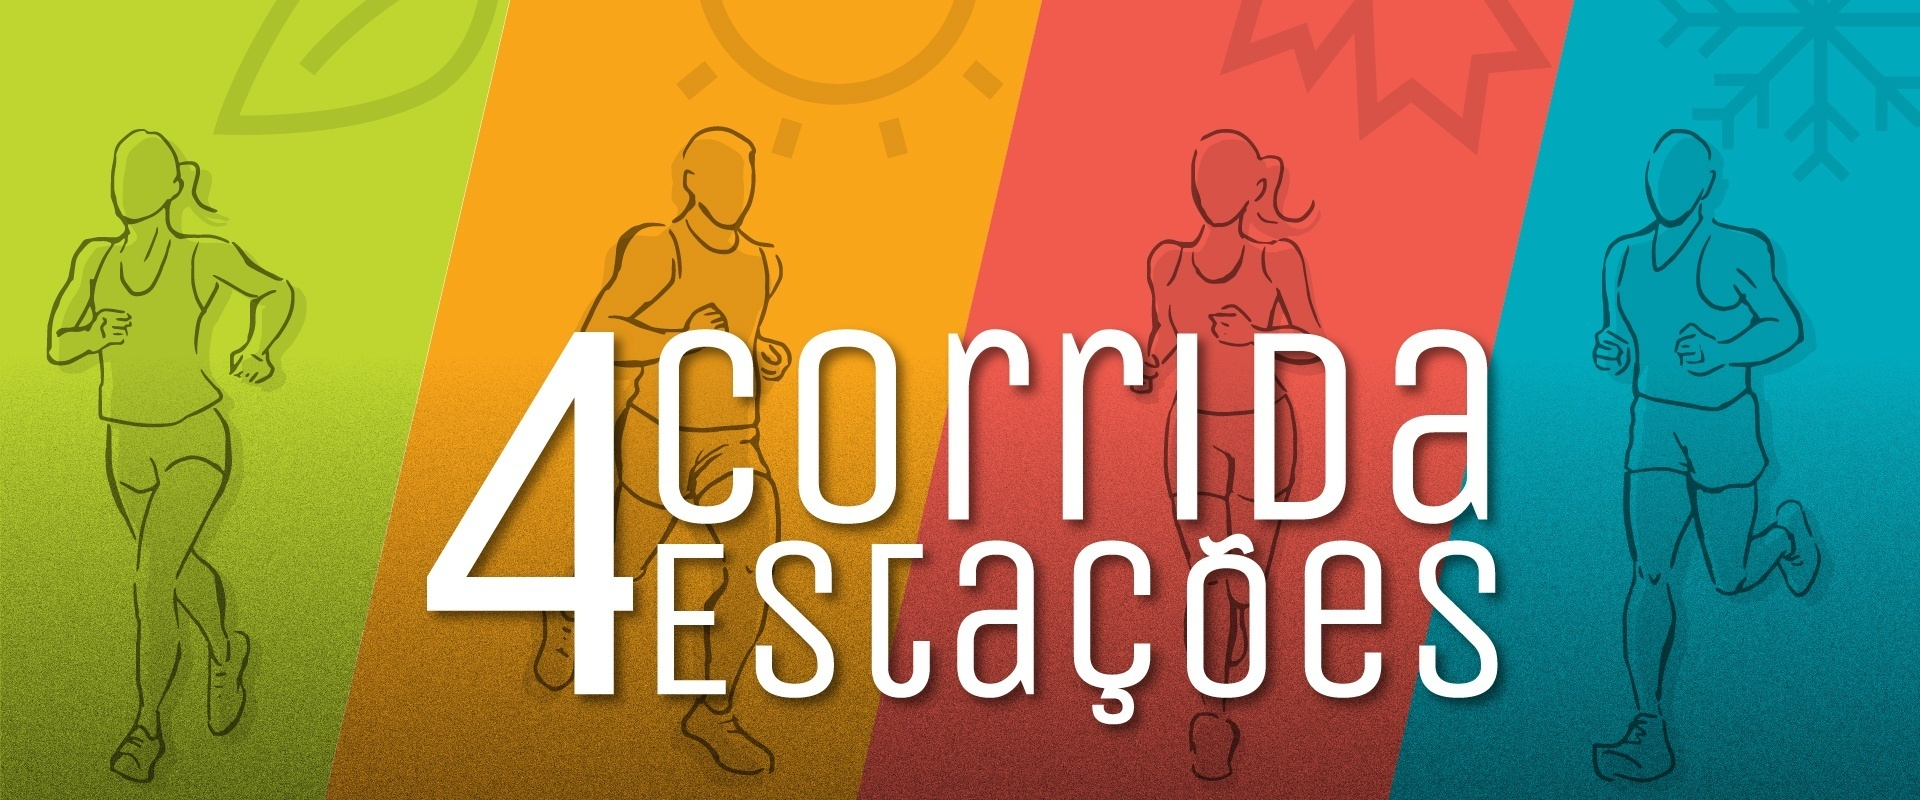 site_corrida4estacoes_Site_banner